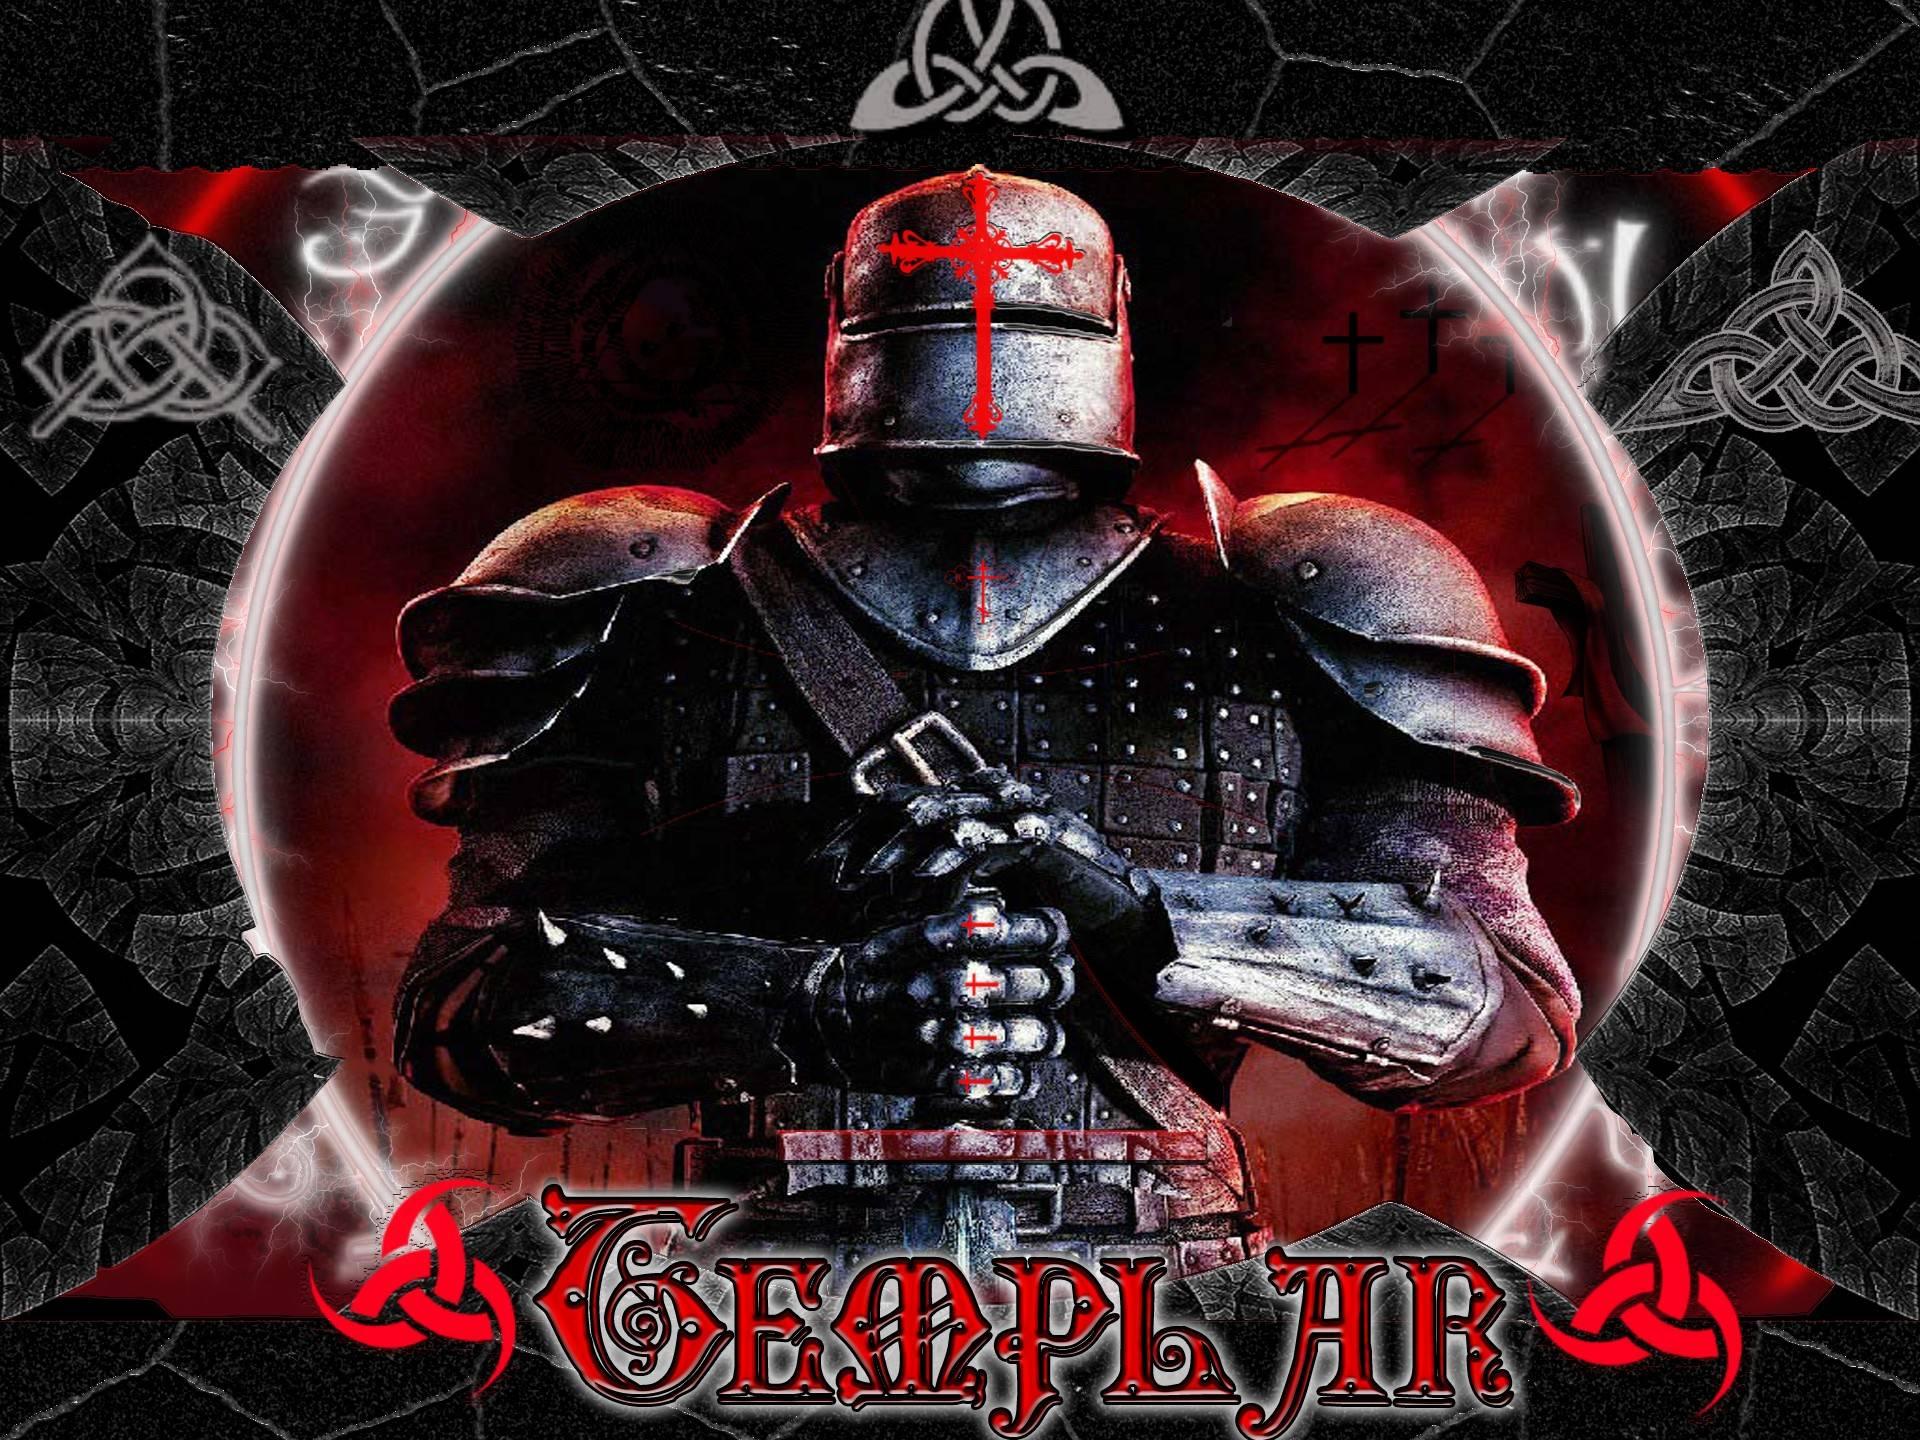 Knights Templar 1920x1440